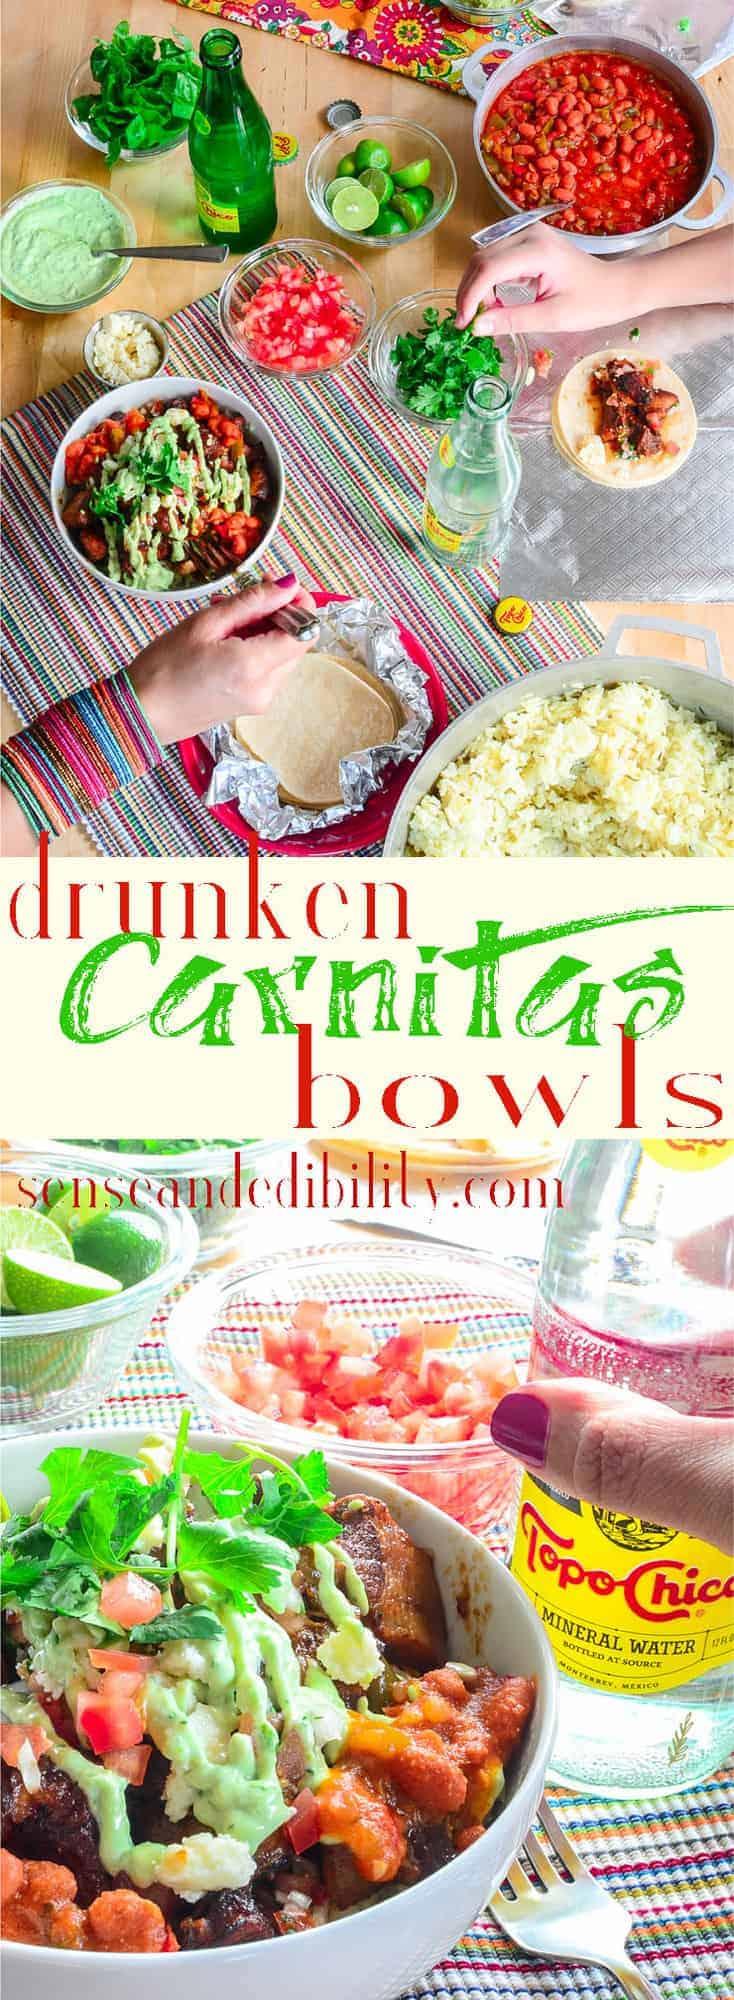 Sense & Edibility's Carnitas Bowl